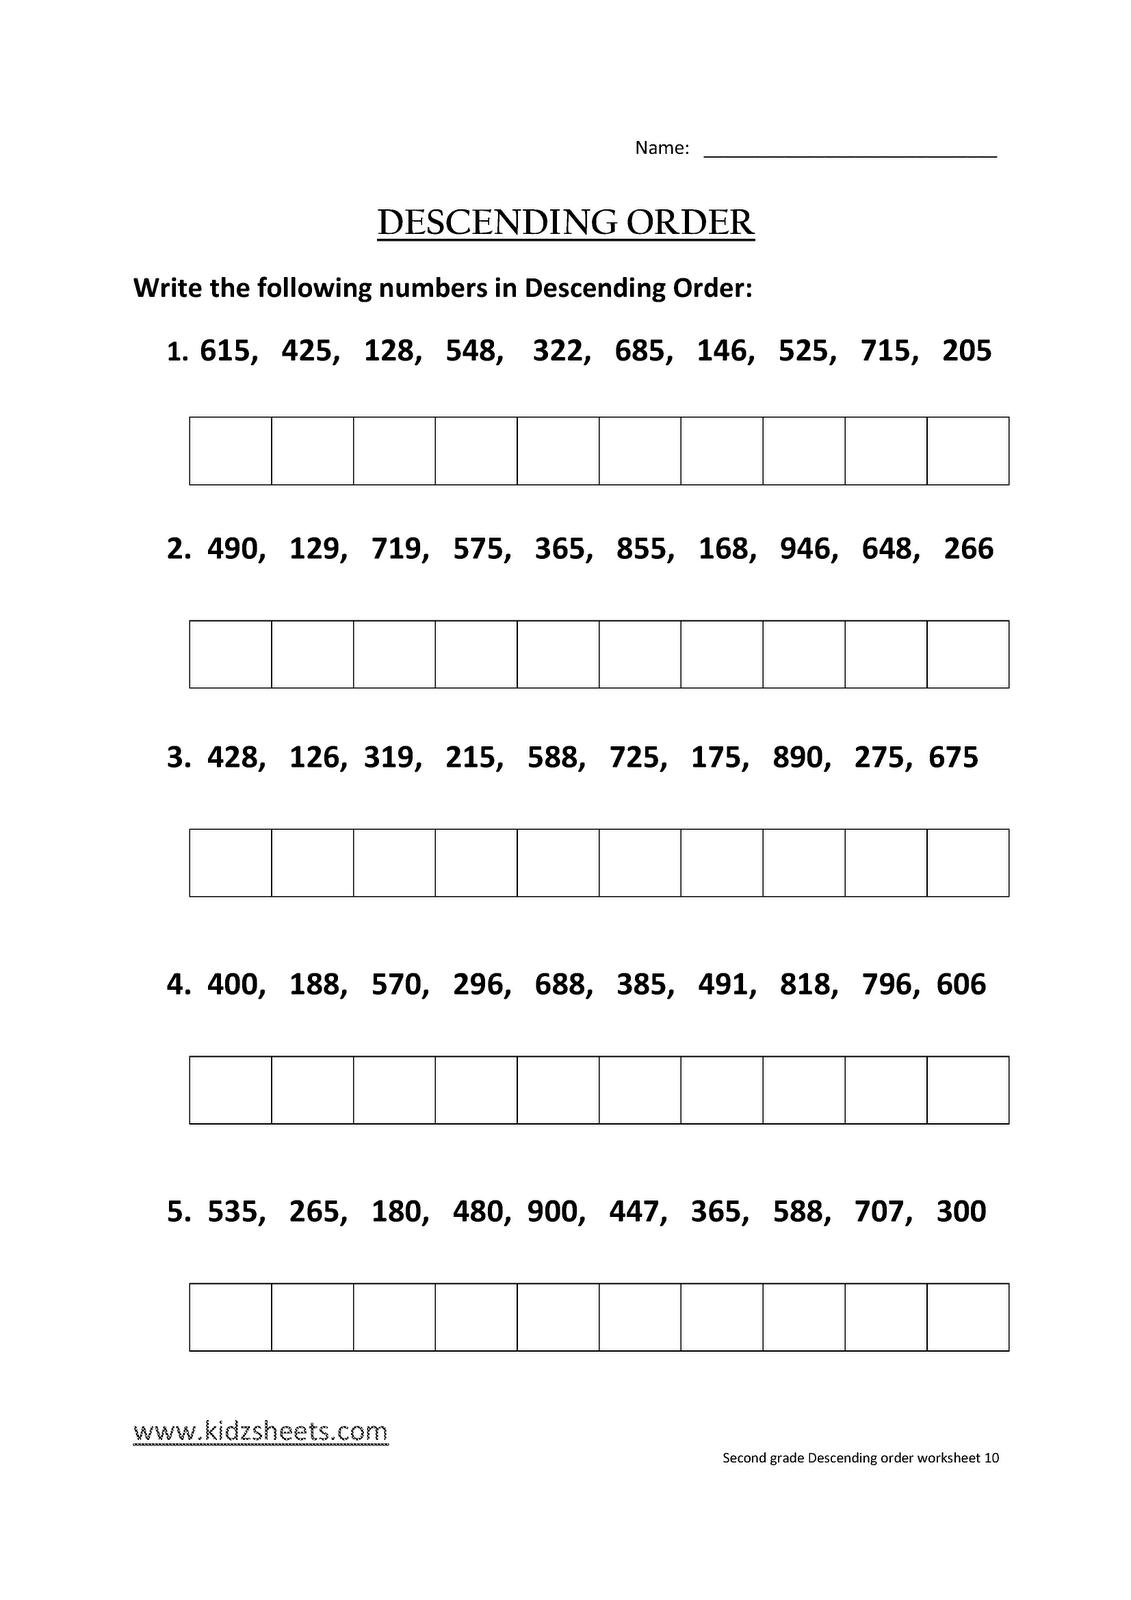 Kidz Worksheets Second Grade Descending Order Worksheet10